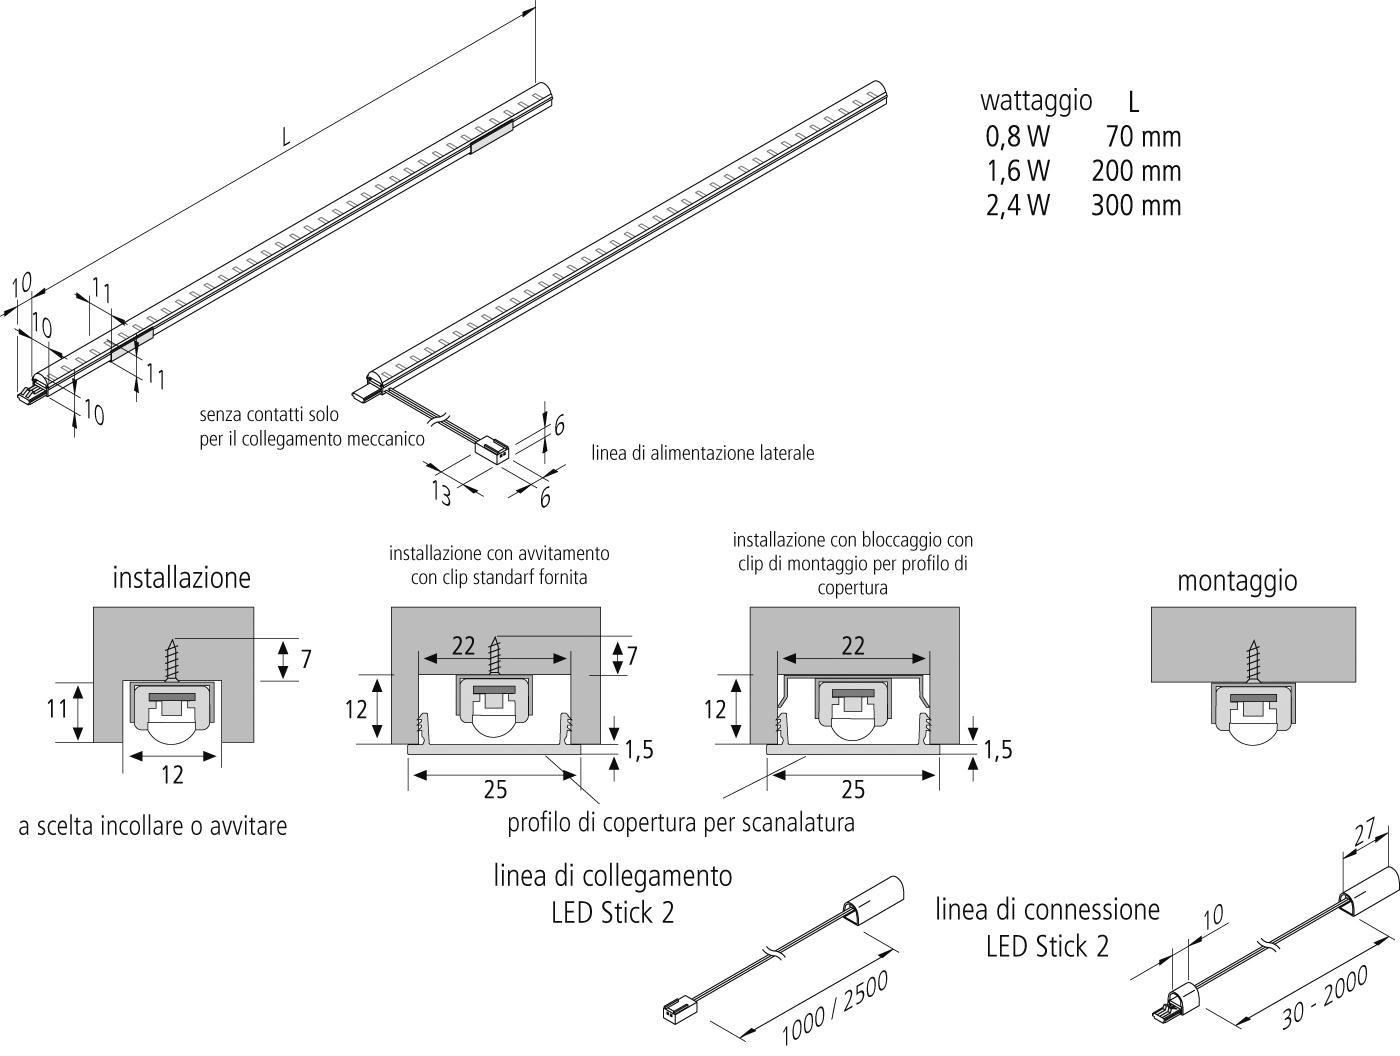 Anteprima: LED-Stick-2_vec_3D_it